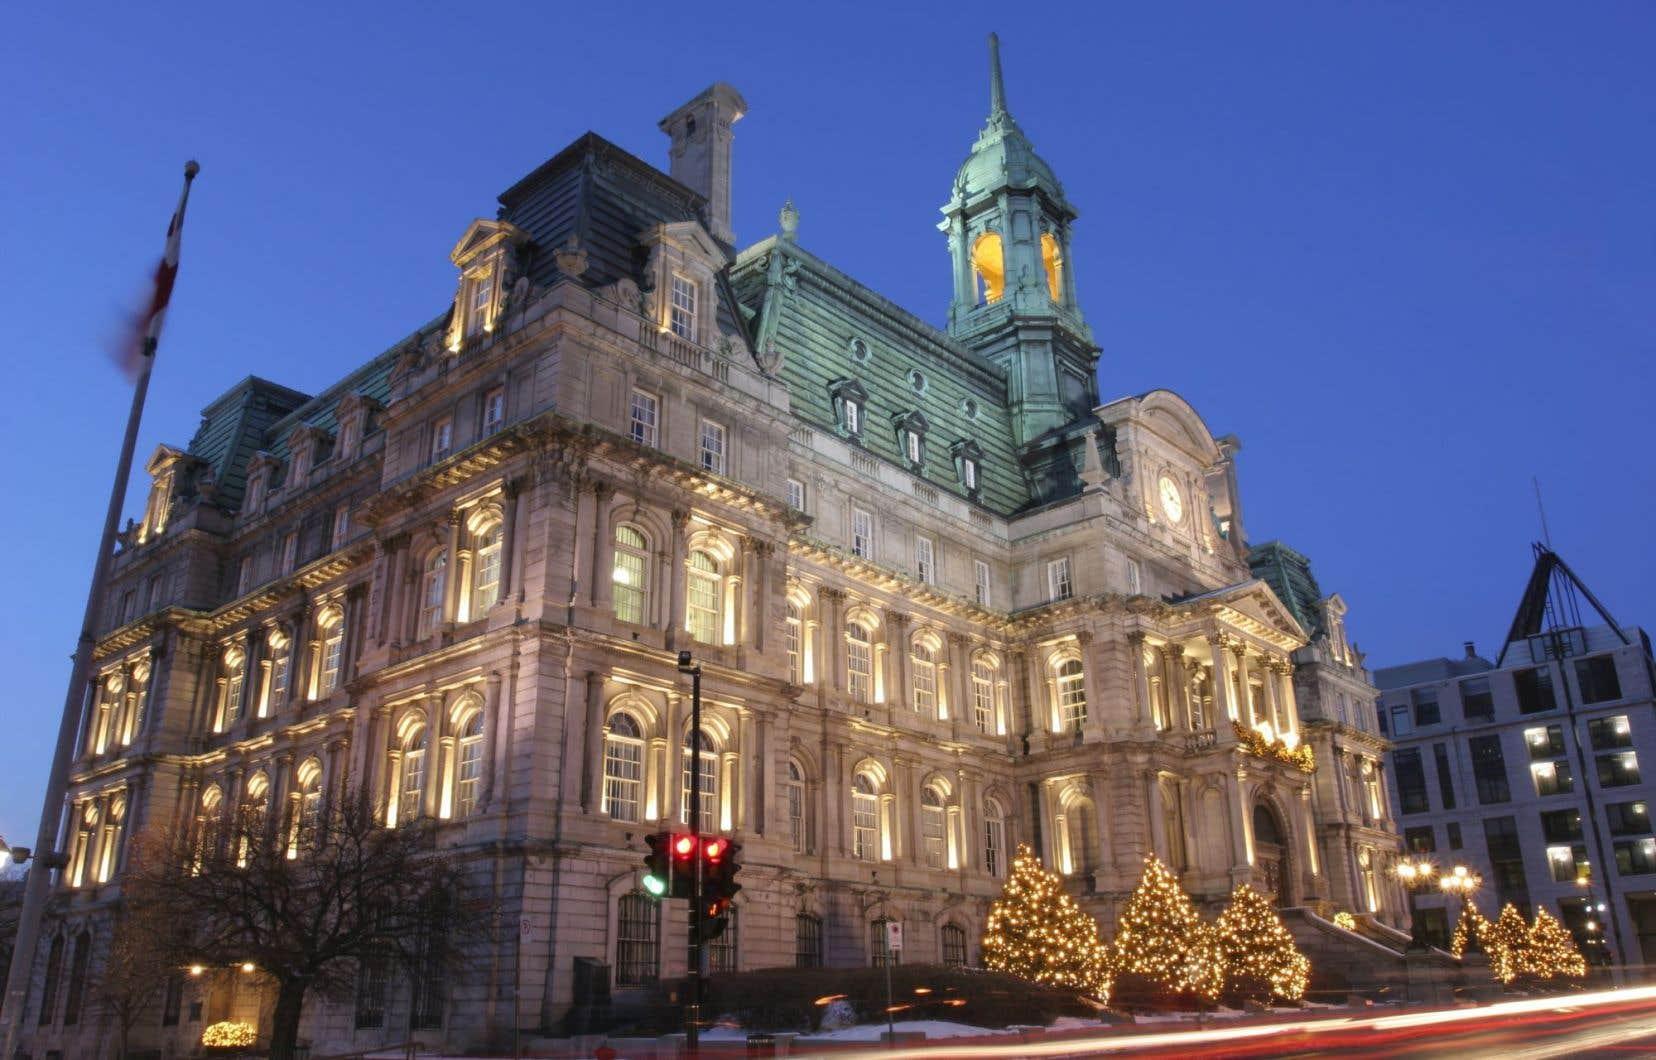 Dans une décision rendue le 26 février, le juge administratif Pierre Flageole conclut que ni la Loi sur les cités et villes ni la Charte de la Ville ne permettent aux élus du comité exécutif de la ville centre de congédier des employés.